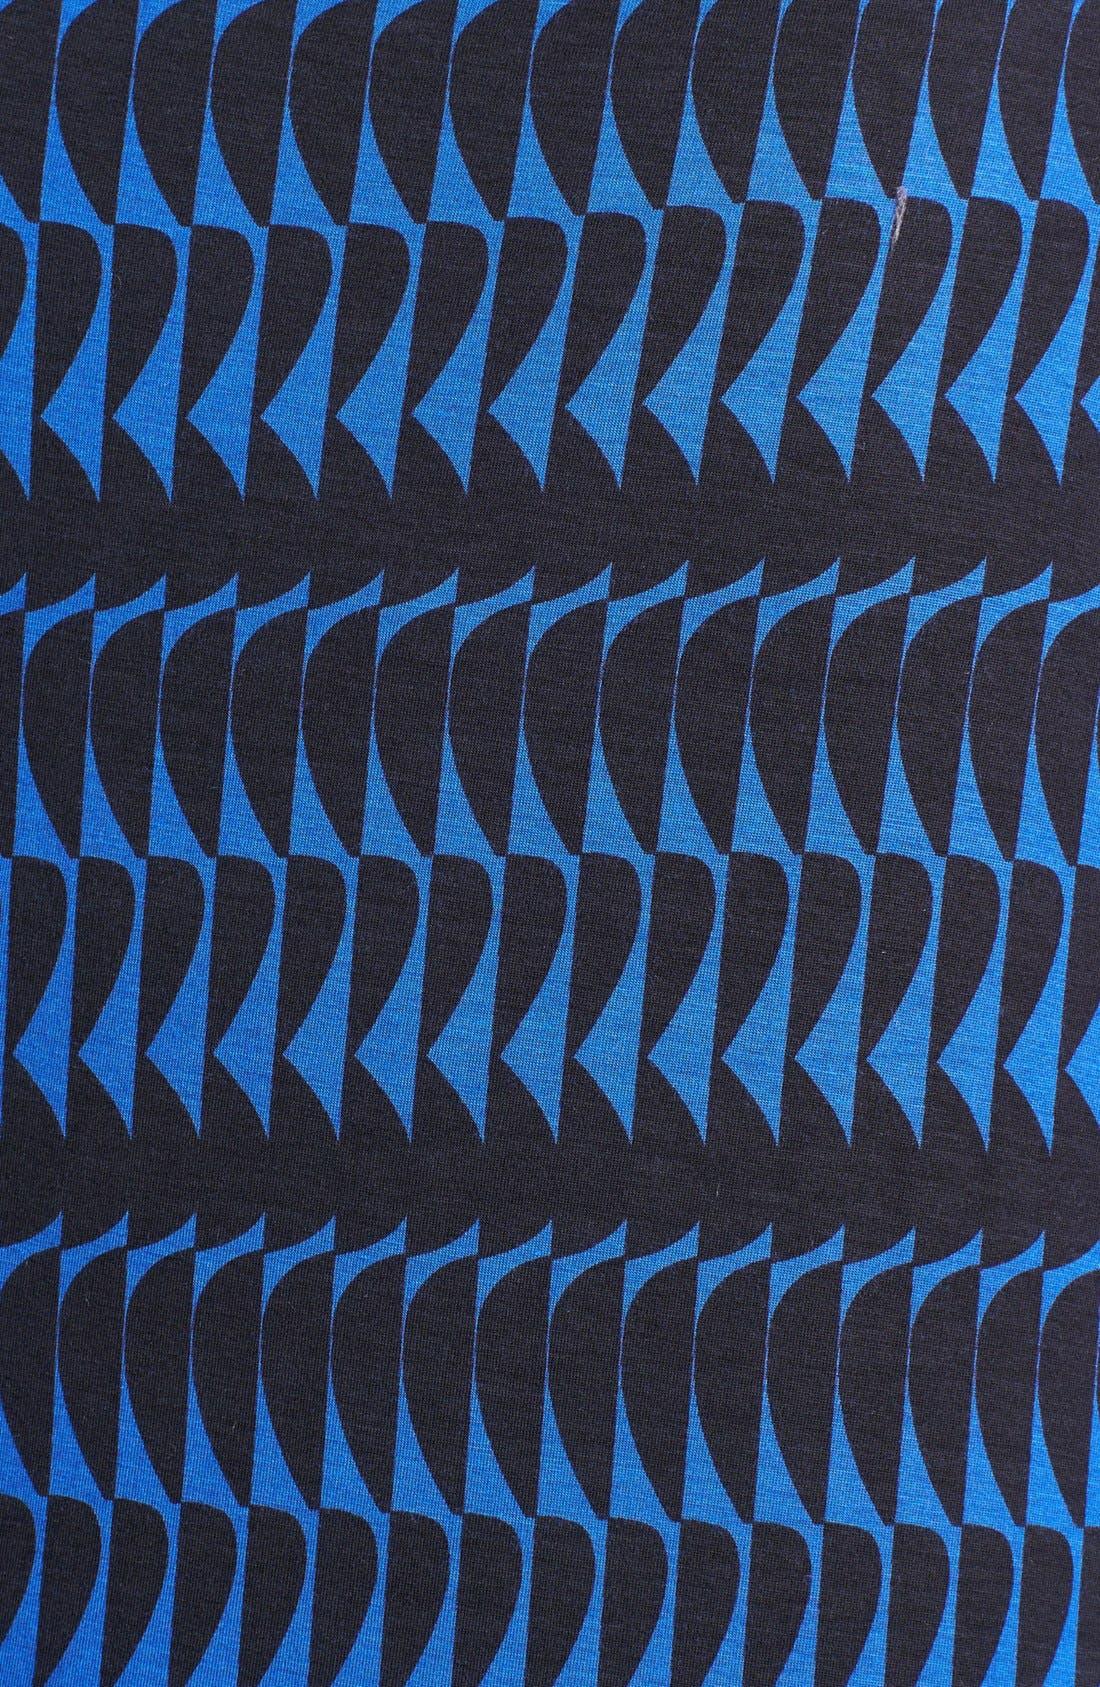 Drape Neck Print Top,                             Alternate thumbnail 20, color,